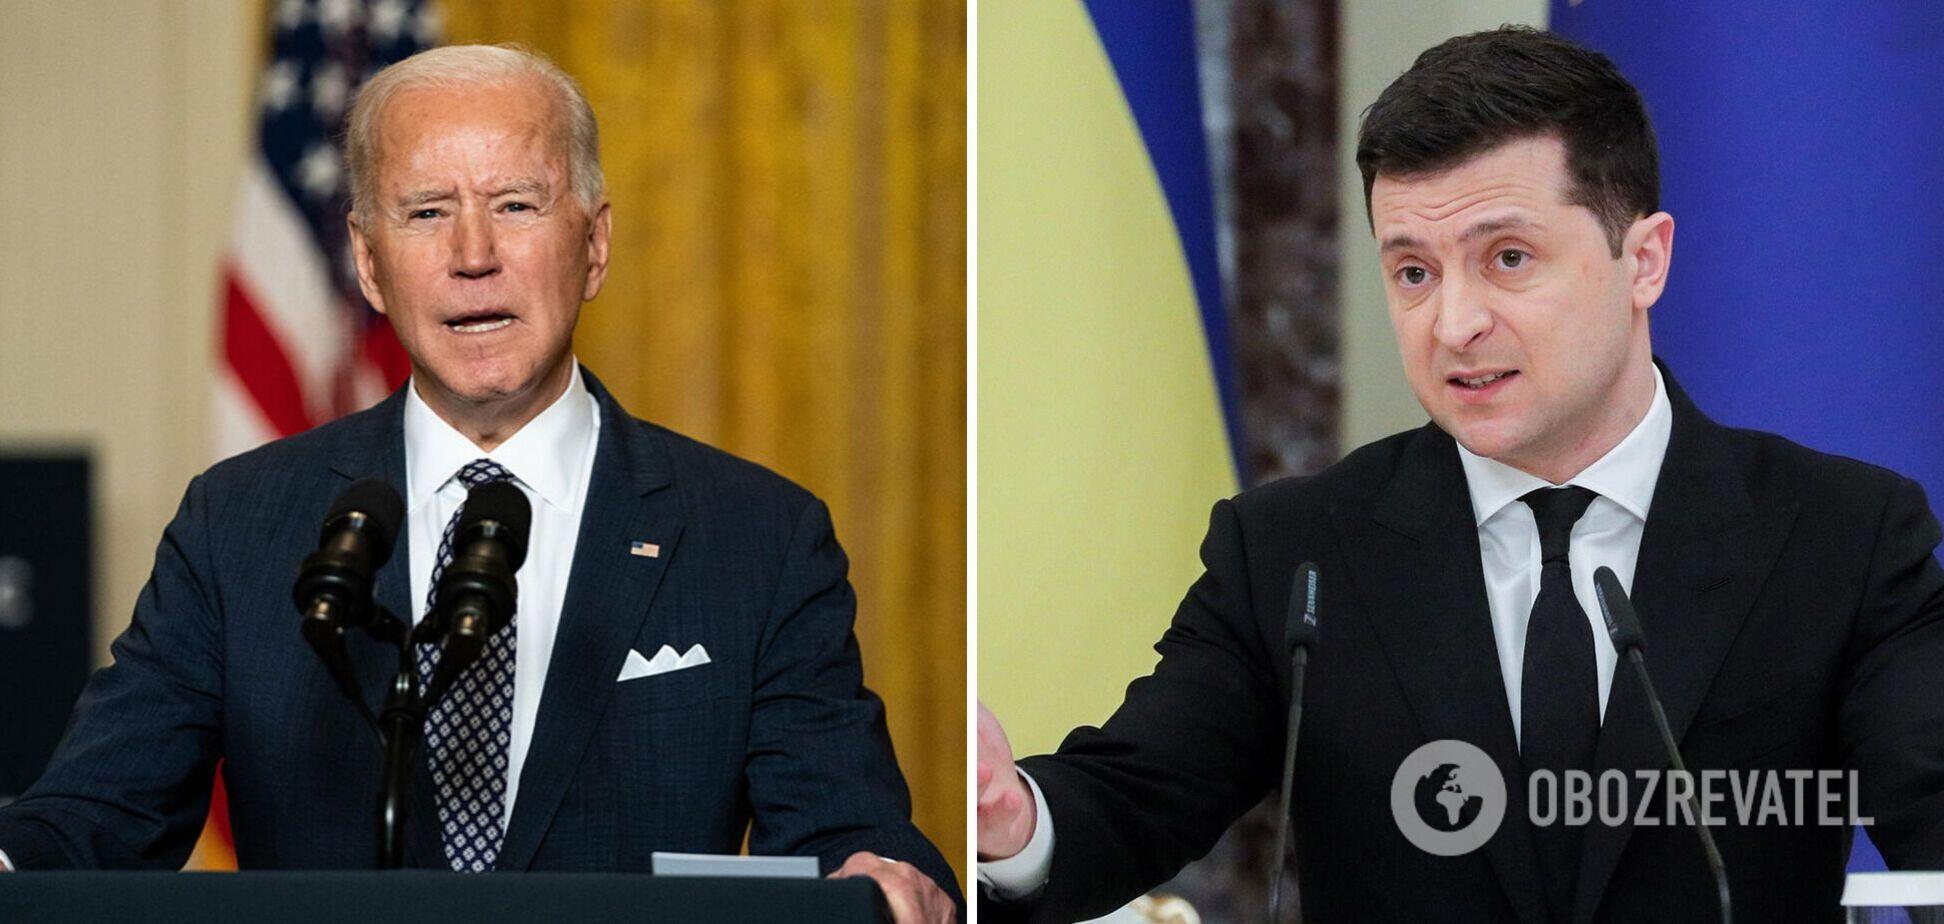 Нардепам 'Слуги народа' объяснили, как комментировать разговор Байдена и Зеленского